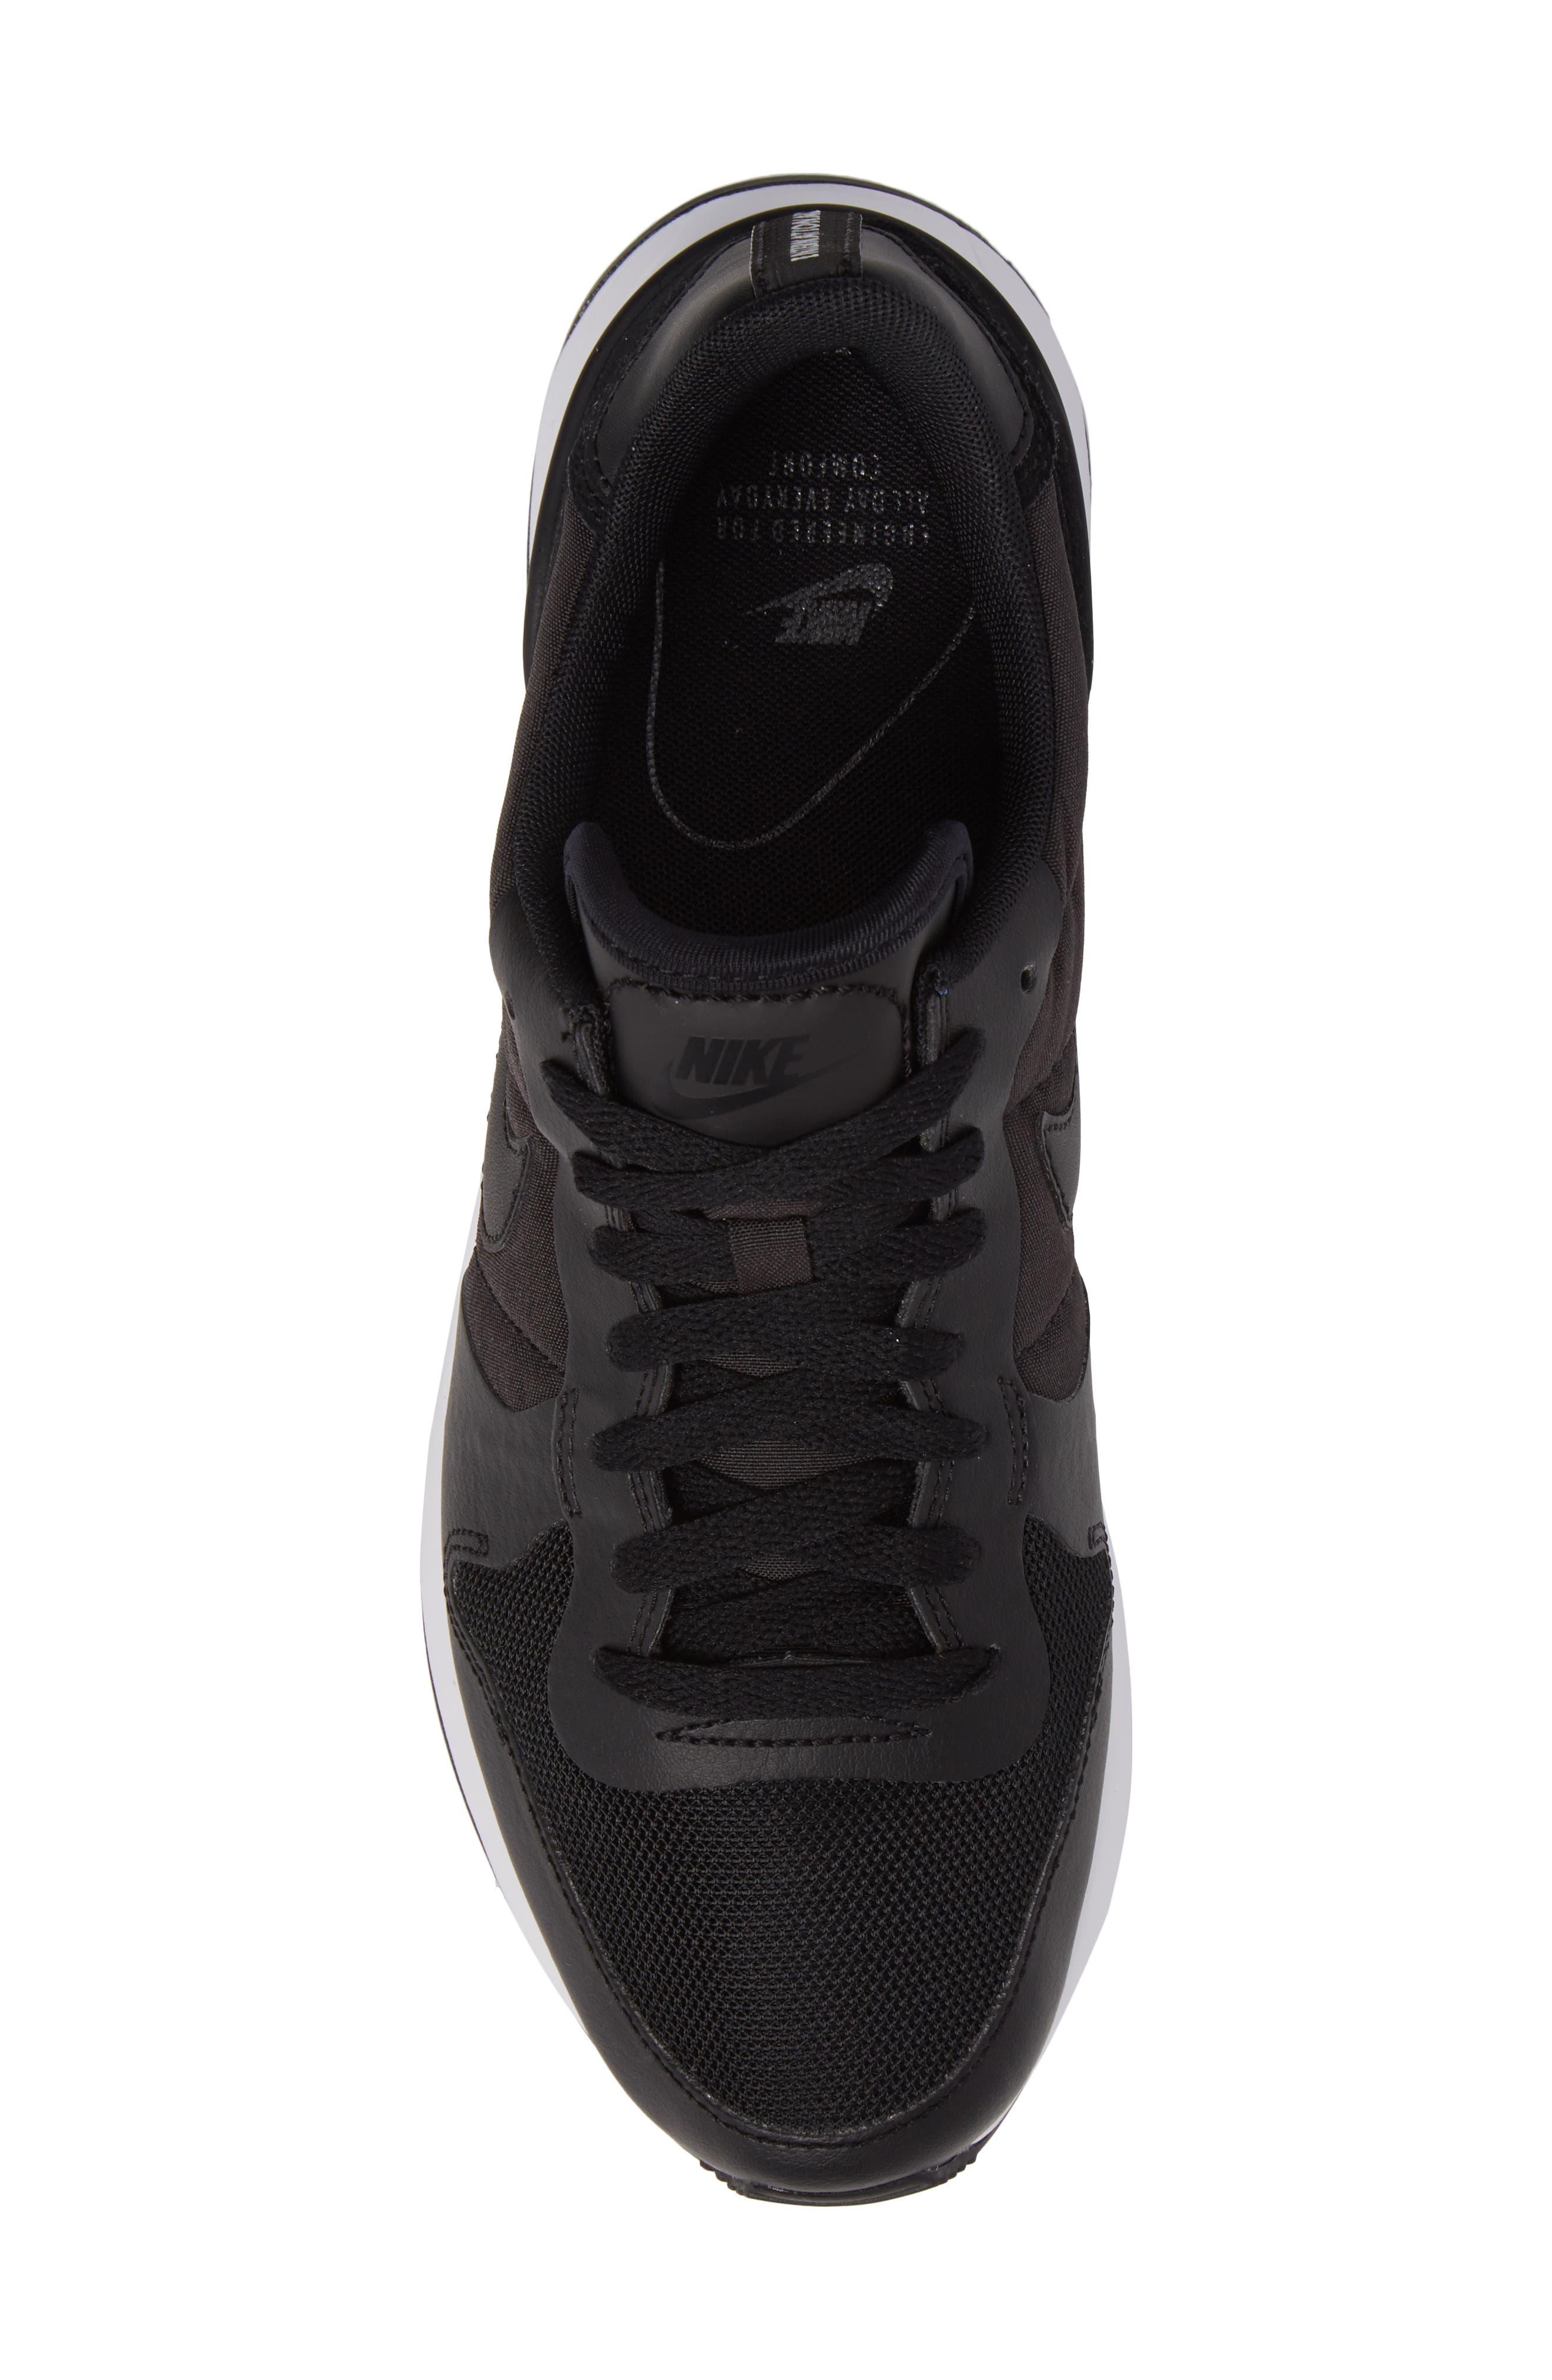 Internationalist LT17 Sneaker,                             Alternate thumbnail 5, color,                             Black/ Black/ White